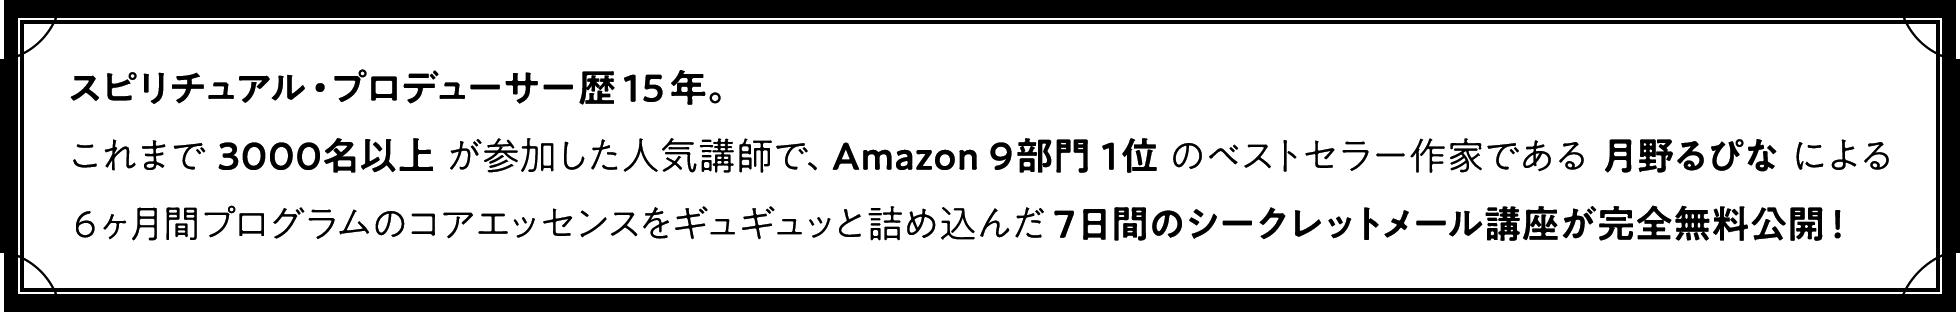 スピリチュアル・プロデューサー歴15年。これまで3000名以上が参加した人気講師で、Amazon9部門1位のベストセラー作家である月野るぴなによる6ヶ月間プログラムのコアエッセンスをギュギュッと詰め込んだ7日間のシークレットメール講座が完全無料公開!